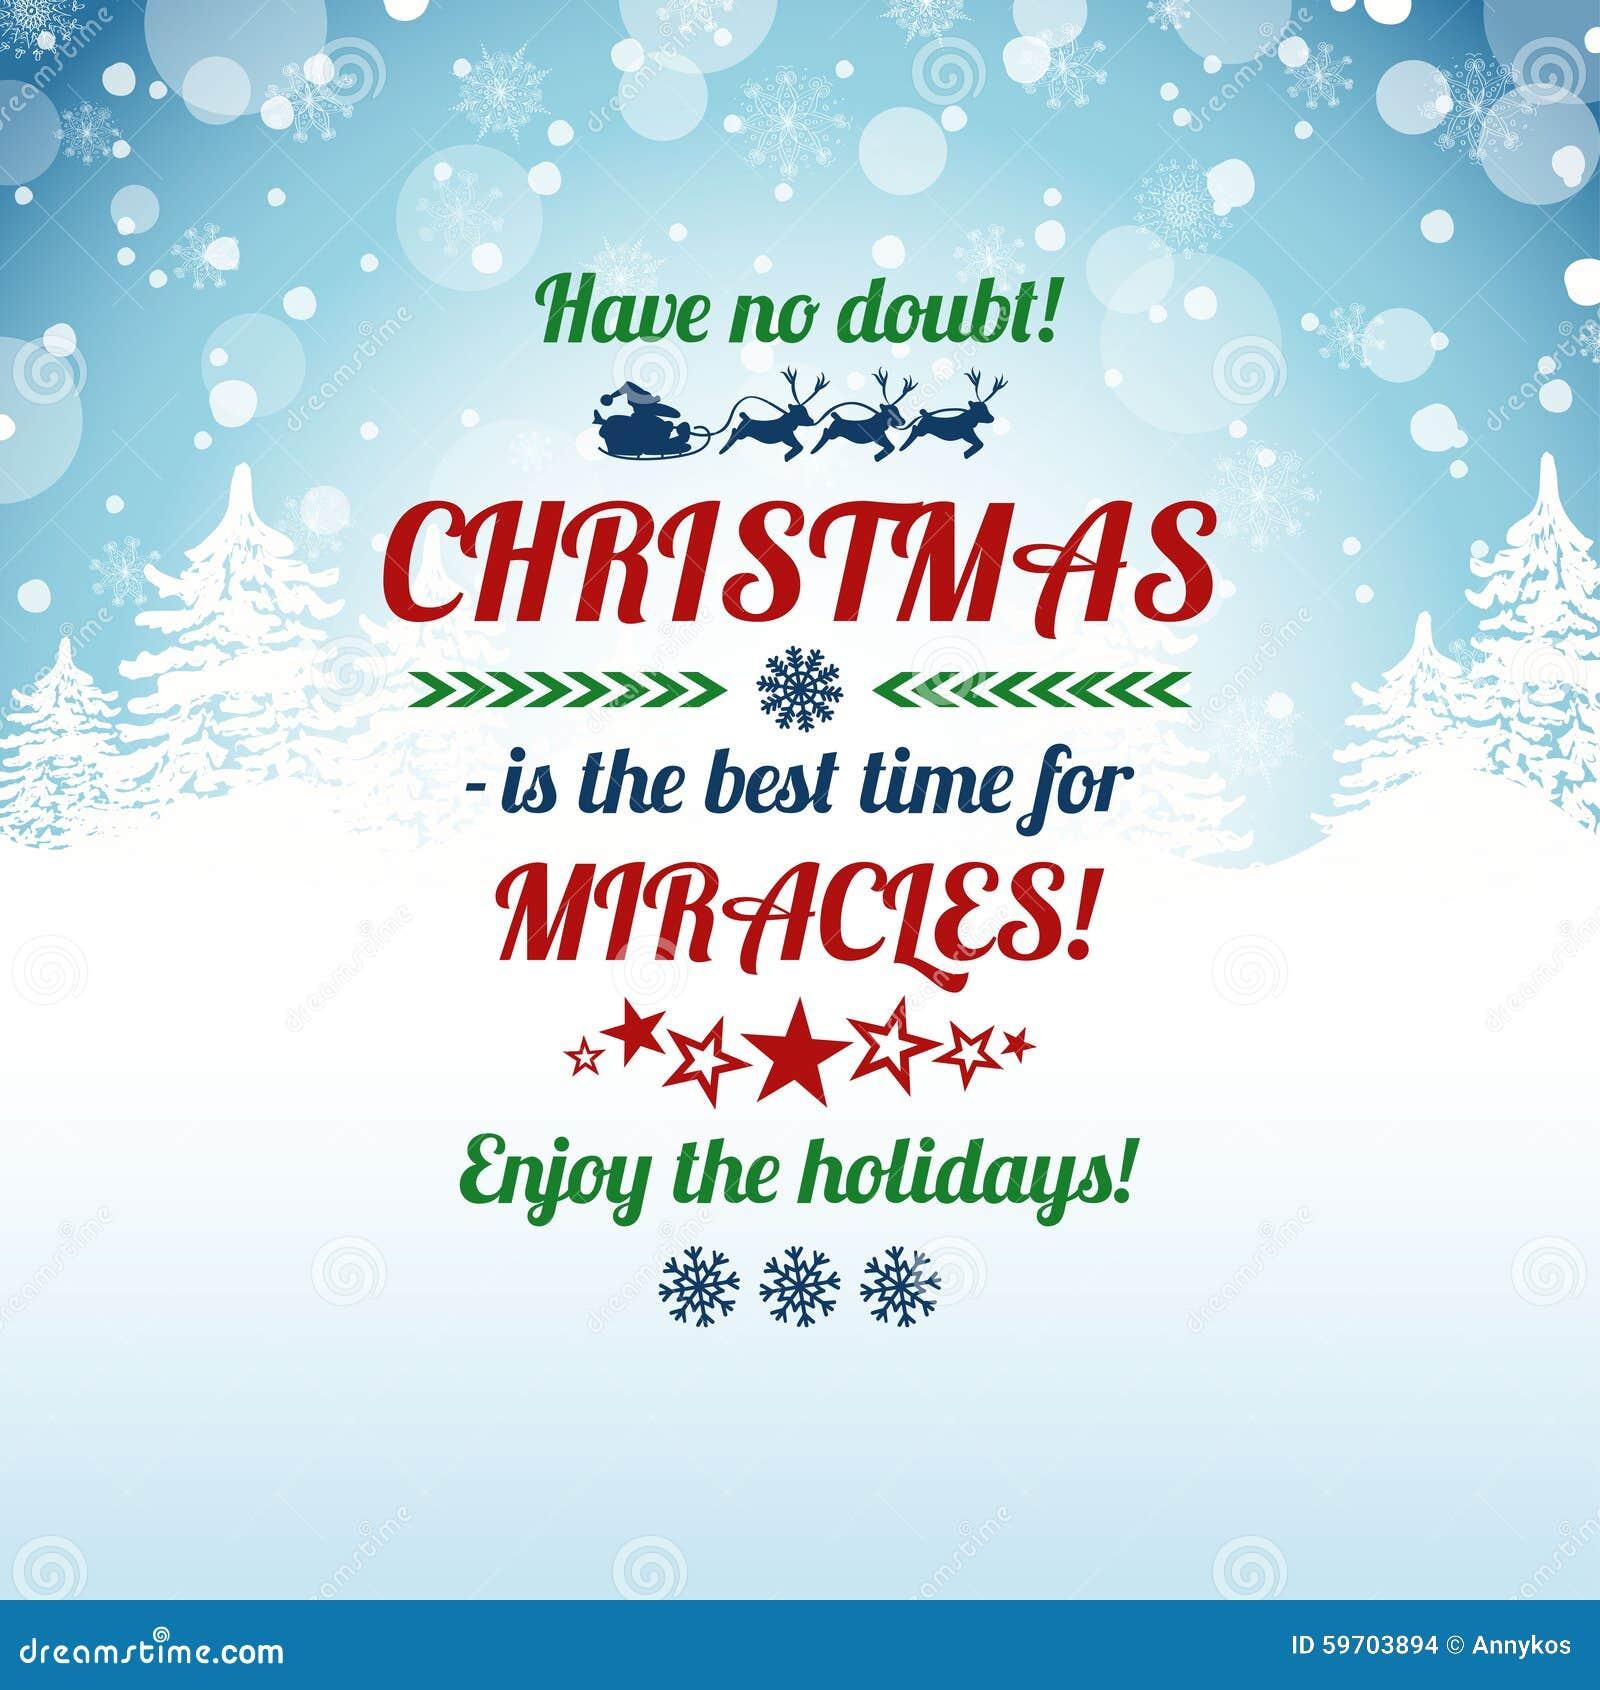 weihnachtsgru karte mit typografie text vektor abbildung illustration von karte sleigh 59703894